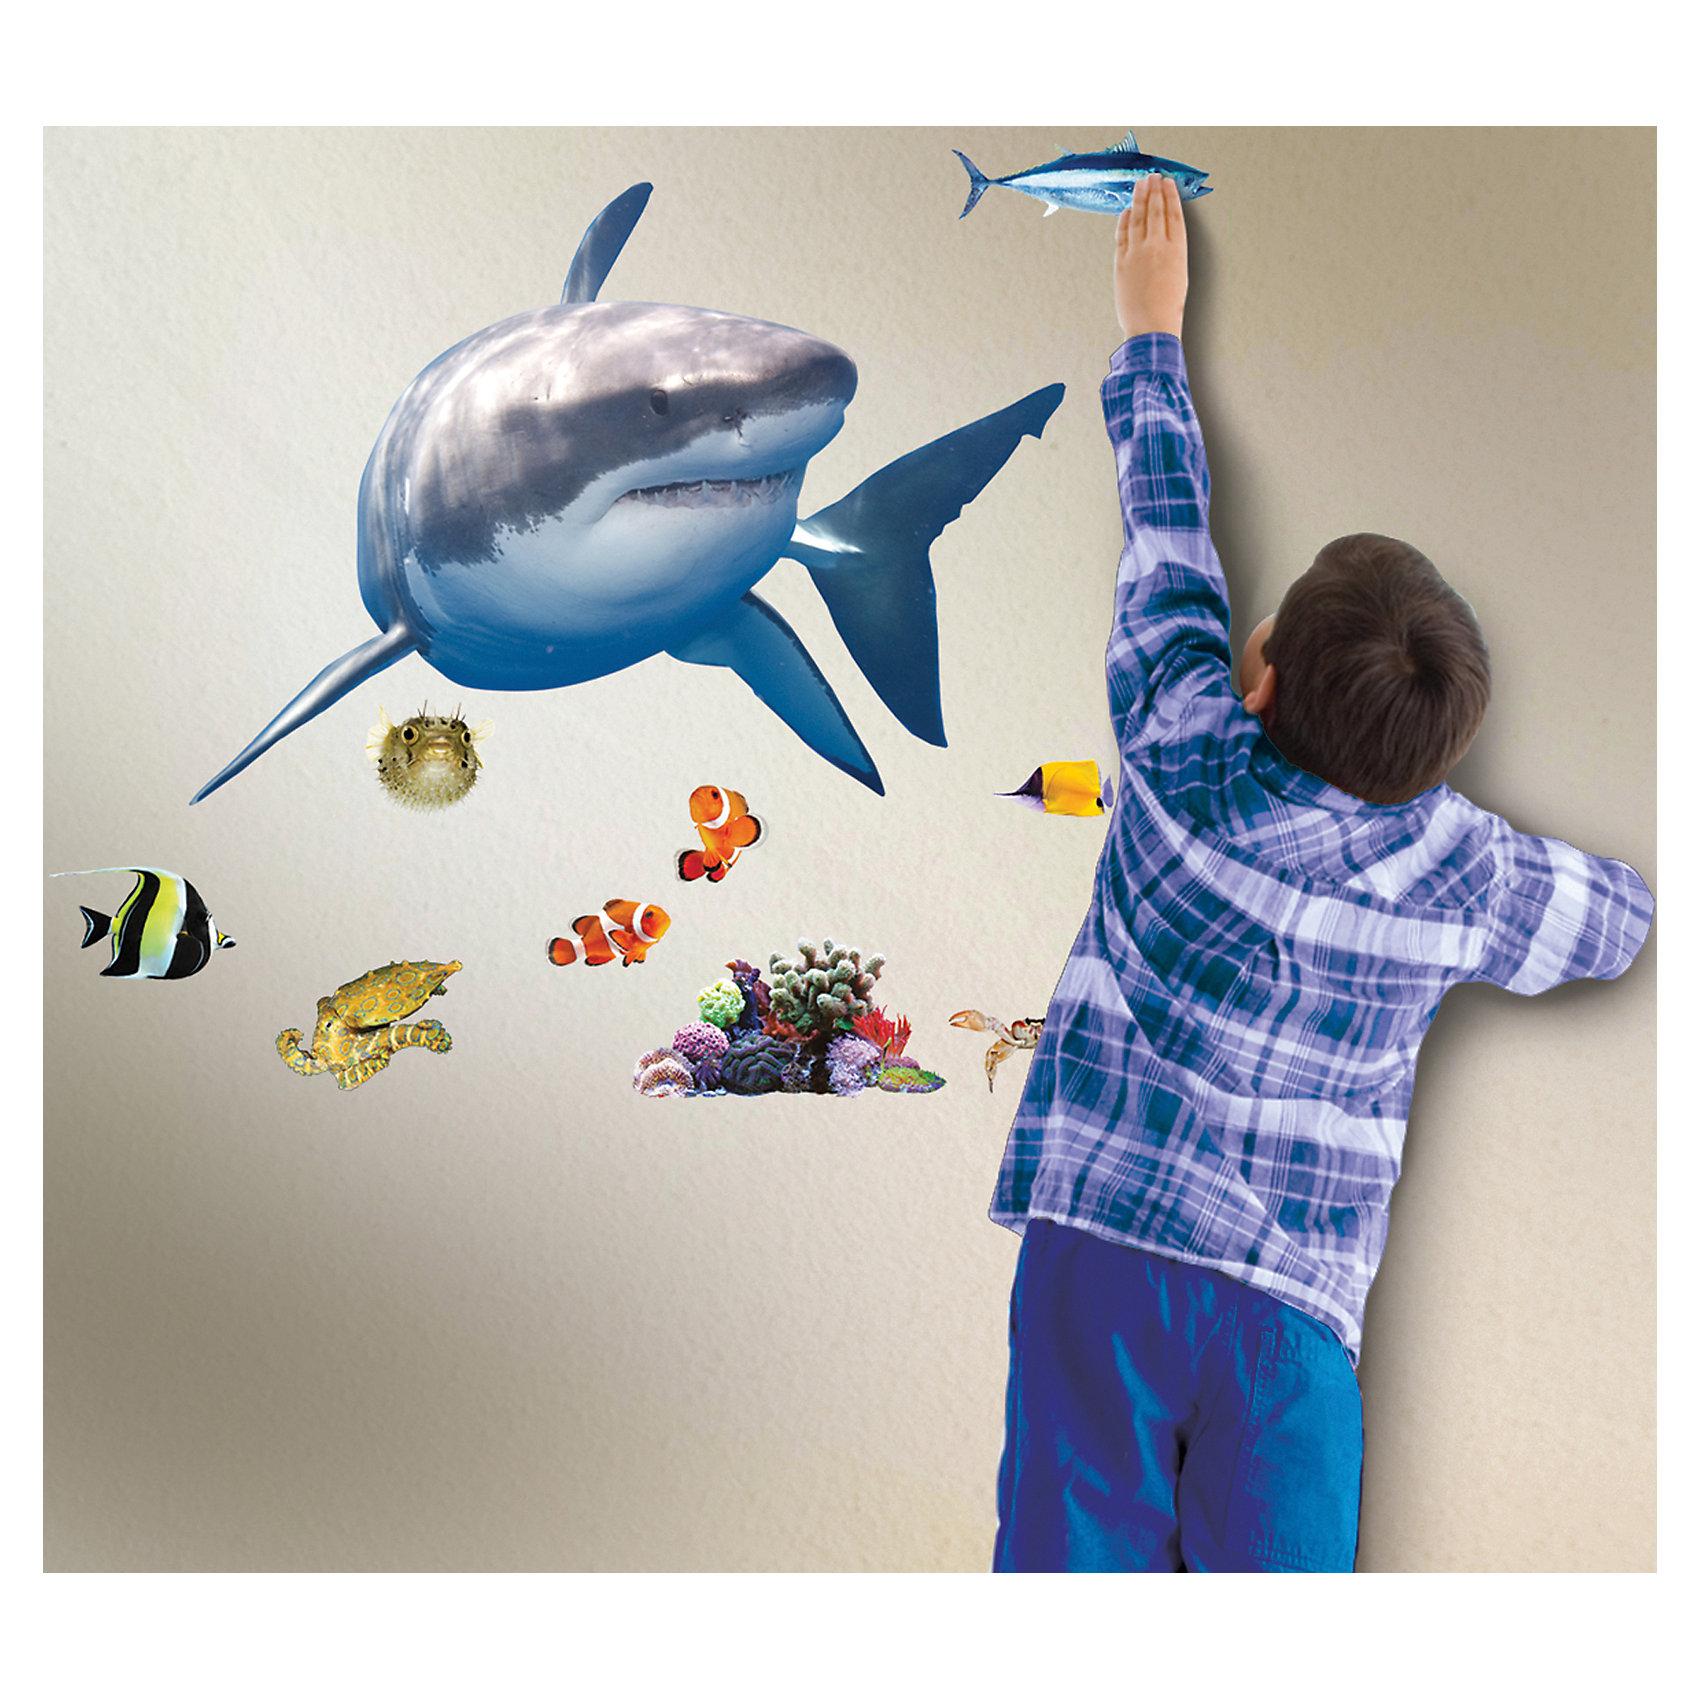 Настенный проектор Встреча с белой акулойЛампы, ночники, фонарики<br>Настенный проектор Встреча с белой акулой – это проектор с реалистичными звуковыми и световыми эффектами погружения на дно океана.<br>Настенный проектор «Встреча с белой акулой» освежит интерьер детской комнаты и в интересной форме познакомит ребенка с обитателями морской пучины! Проектор состоит из двух частей: активатора и многоразовых наклеек. Красочные наклейки можно размещать многократно в разных комбинациях на стене комнаты. Для достижения четкого и яркого изображения необходимо закрепить активатор на расстоянии 1-1,5 метра от пола и создать в комнате полную темноту. Активатор не только осветит небольшой участок помещения, но и с помощью мерцающего голубого свечения, уникальных реалистичных звуков морских глубин и визуального видения морских обитателей, позволит почувствовать себя на дне океана. Функционирует в двух режимах: свет и звук или только свет (переключаются вручную кнопкой). Отключаться проектор может автоматически после 5, 10 или 20 минут непрерывной работы.<br><br>Дополнительная информация:<br><br>- Возраст: 5+<br>- В комплекте: активатор, красочные наклейки с изображением различных видов морских обитателей, инструкция<br>- Диаметр светового эффекта: 6,9 м?<br>- Длина наклейки с акулой: 60,96 см.<br>- Батарейки: 3 типа АА (входят в комплект)<br>- Размер упаковки: 8х41х25 см.<br>- Вес: 600 гр.<br><br>Настенный проектор Встреча с белой акулой можно купить в нашем интернет-магазине.<br><br>Ширина мм: 8<br>Глубина мм: 41<br>Высота мм: 25<br>Вес г: 600<br>Возраст от месяцев: 60<br>Возраст до месяцев: 168<br>Пол: Унисекс<br>Возраст: Детский<br>SKU: 4639624